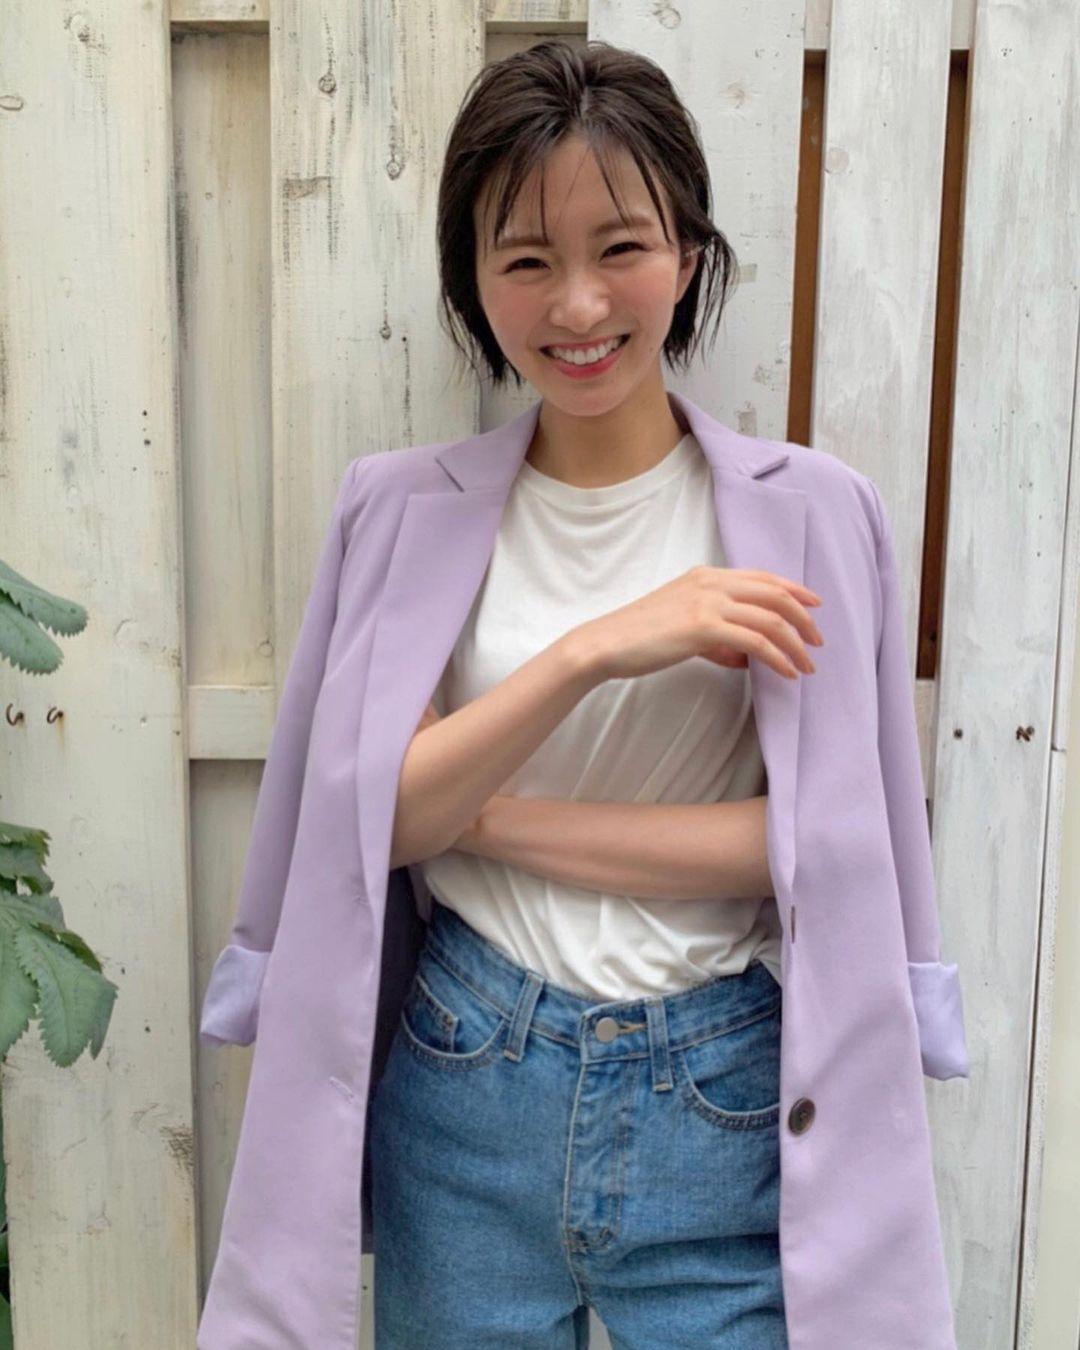 日系时尚杂志模特冈崎纱绘清甜笑容亲和力十足完全就是女友理想型 网络美女 第30张